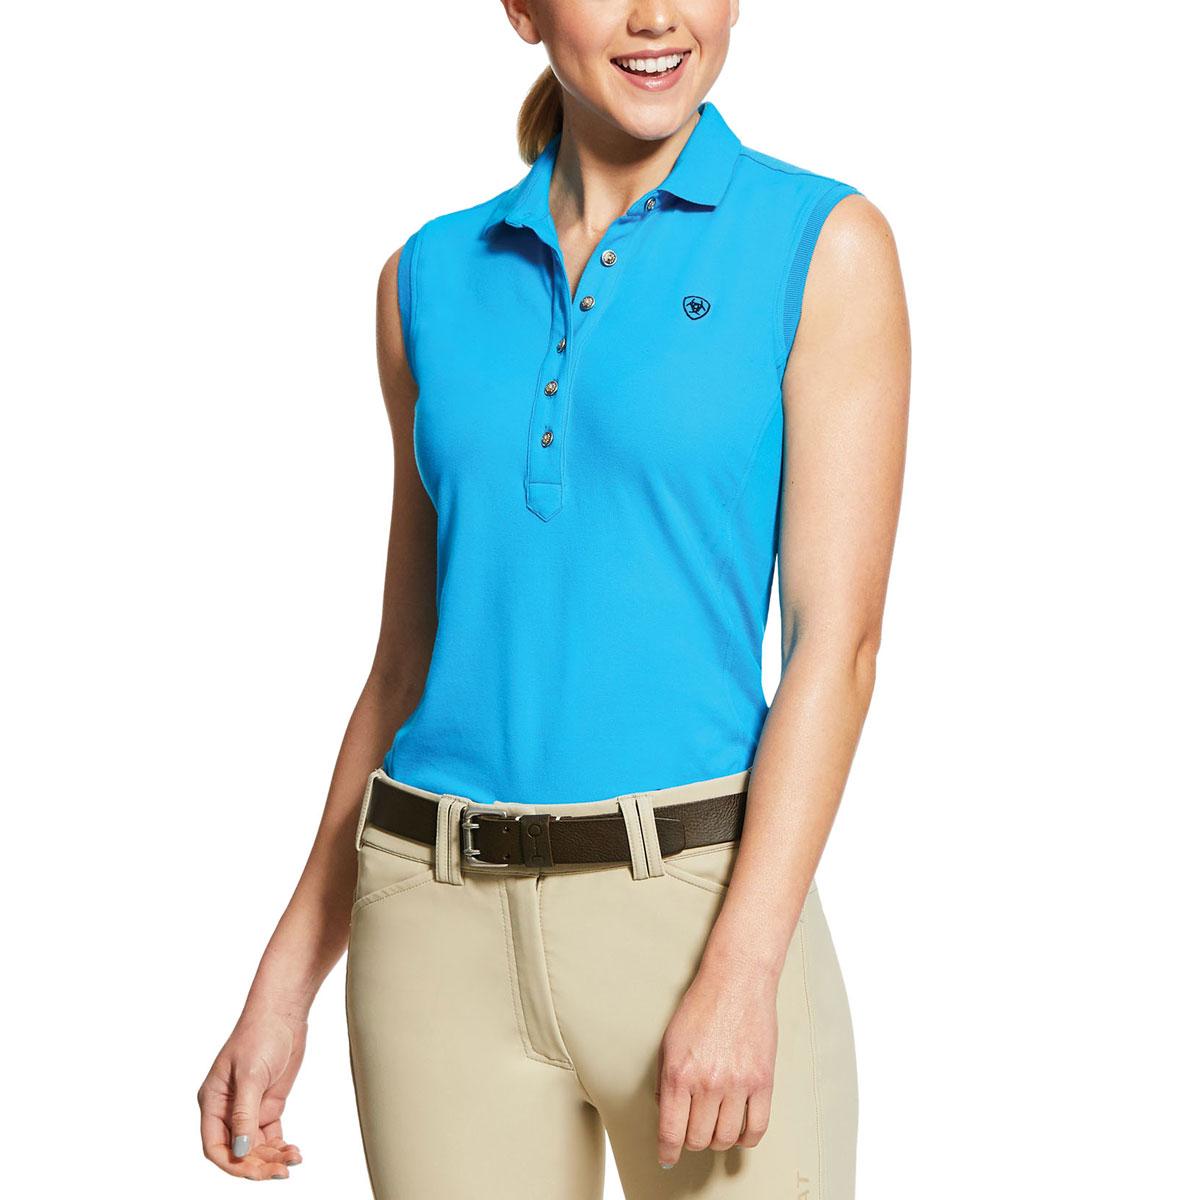 Ariat Prix 2.0 Sleeveless Ladies Polo Shirt - Nautilus